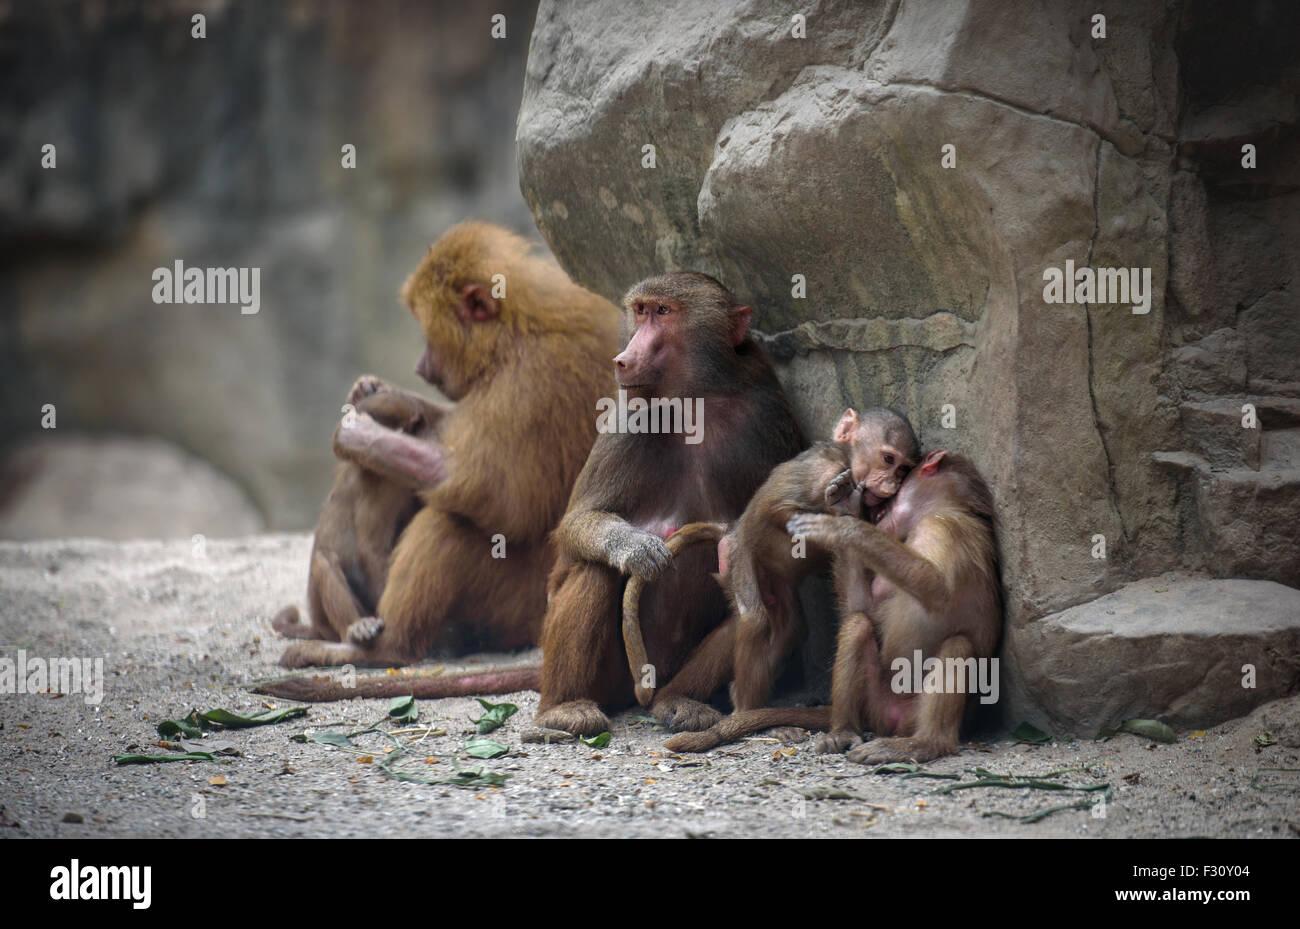 Famiglia di babbuino Hamadryas scimmie con i suoi bambini a riposo Immagini Stock